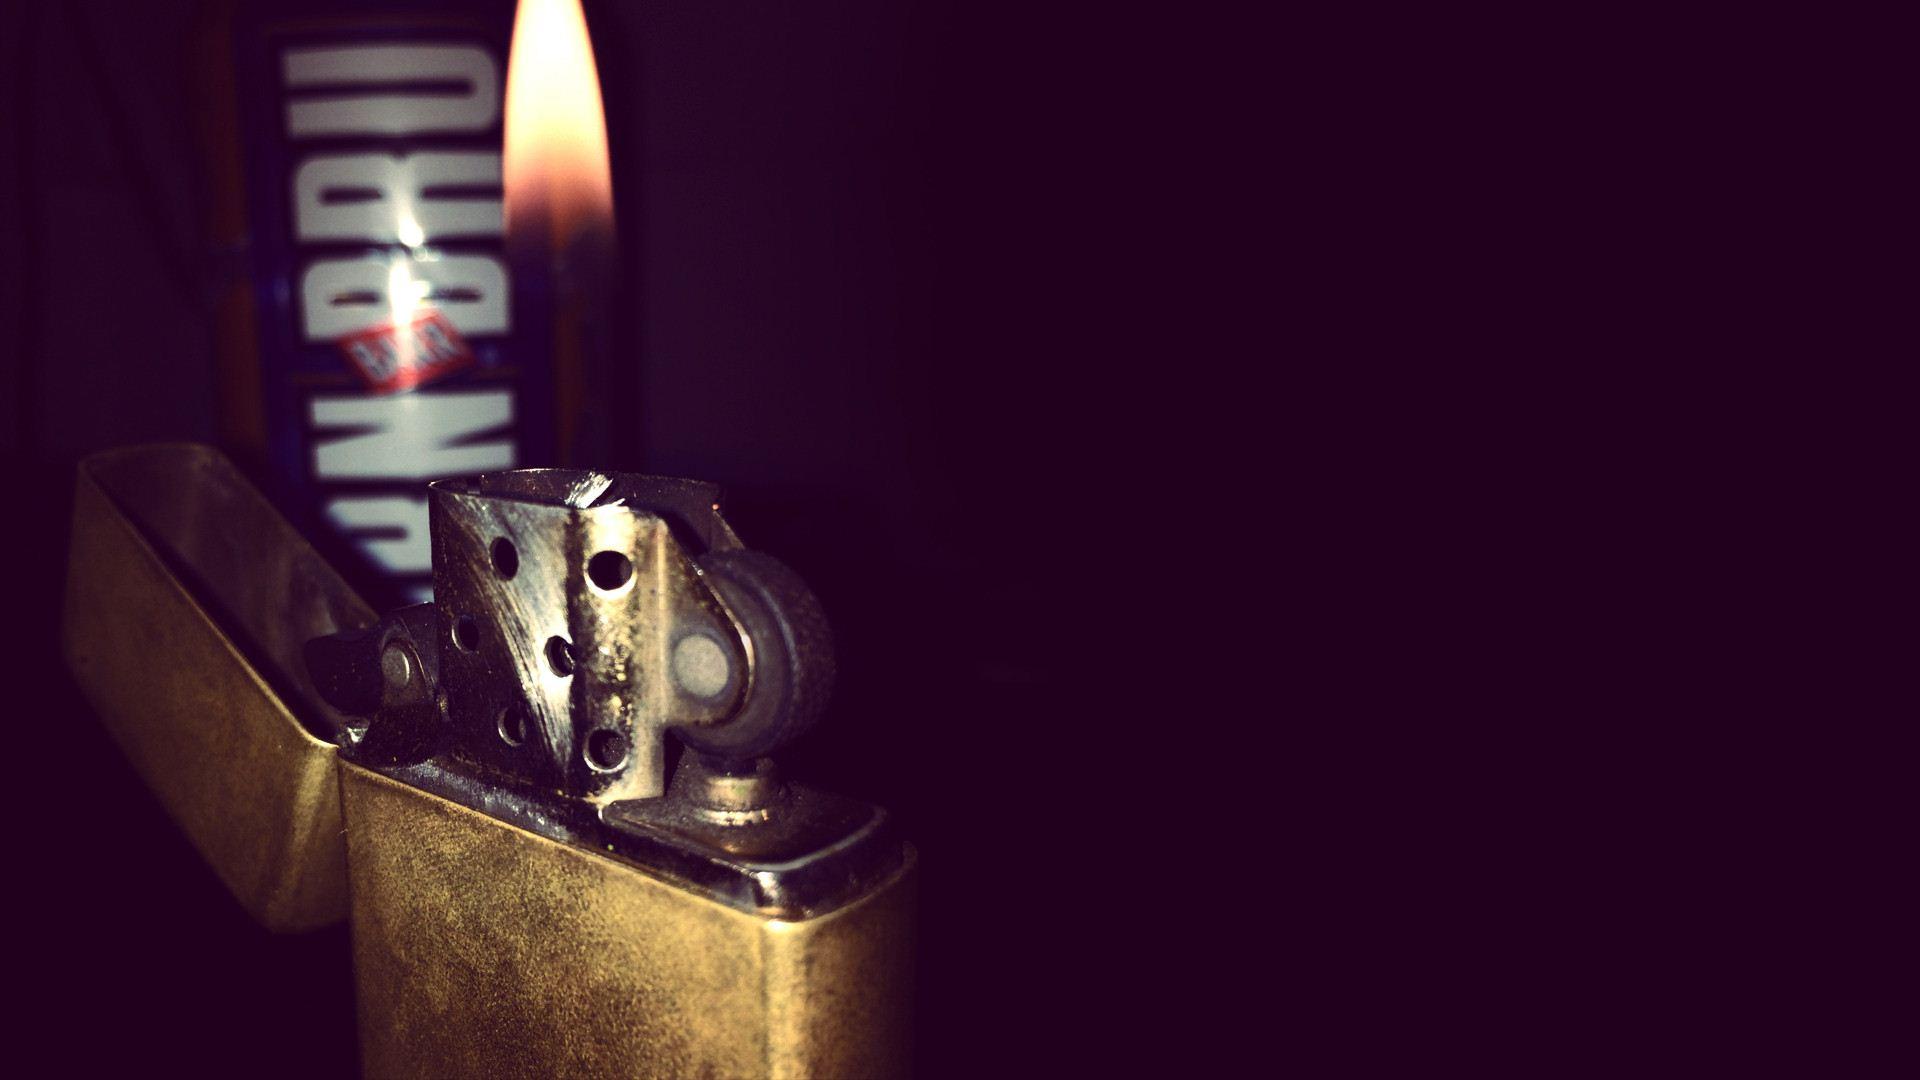 Нож с зажигалкой  № 612853 бесплатно